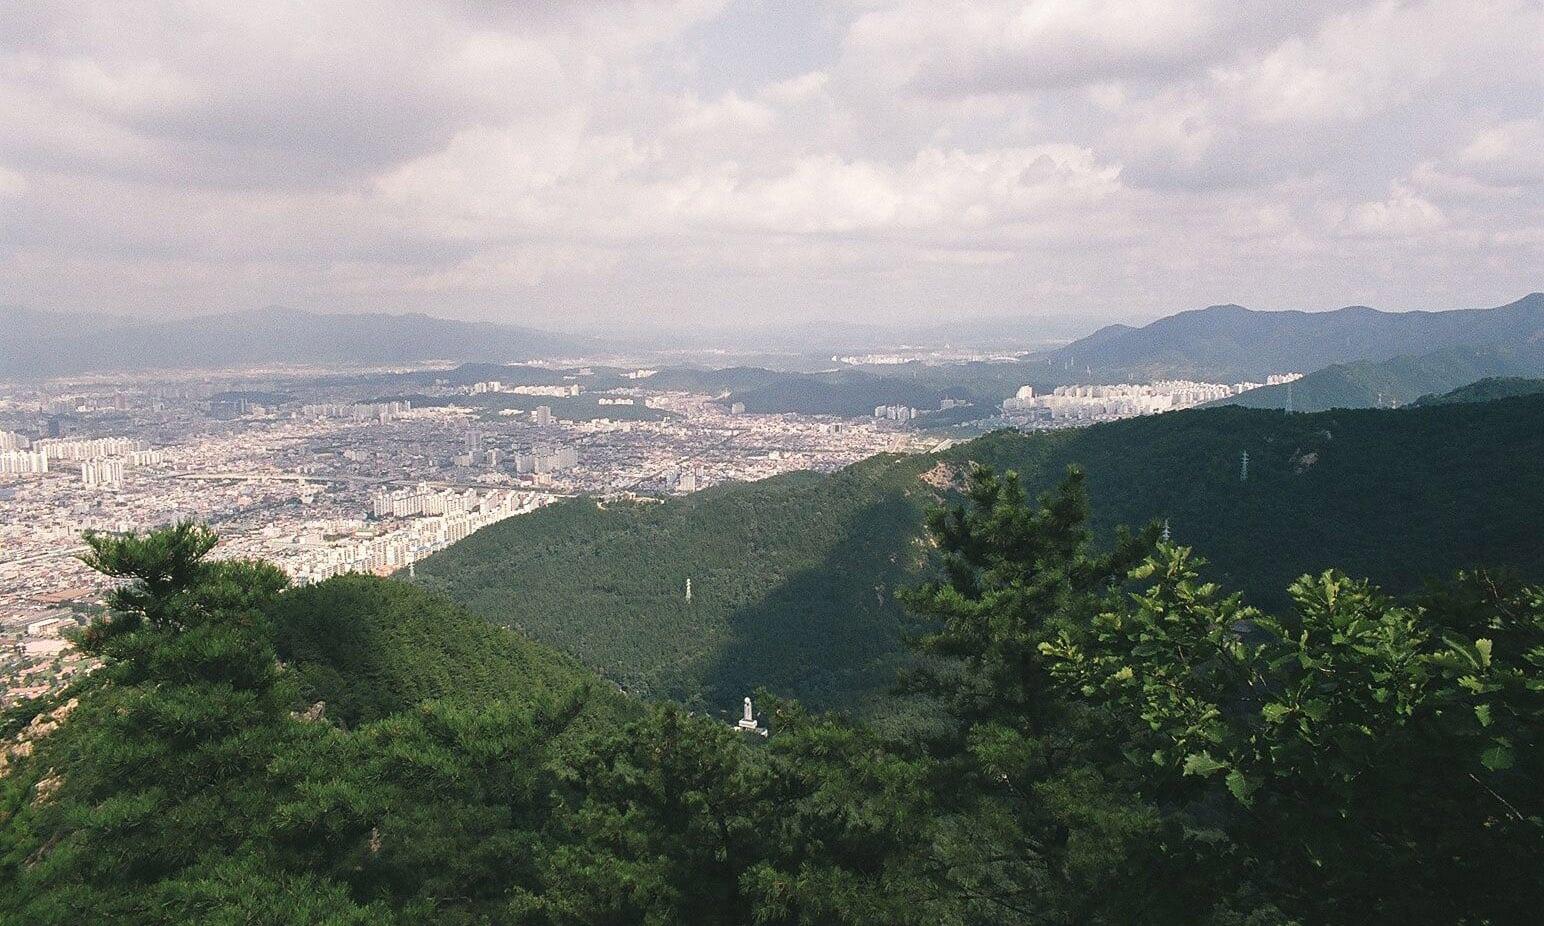 Apsan Park | Nam-gu, Daegu